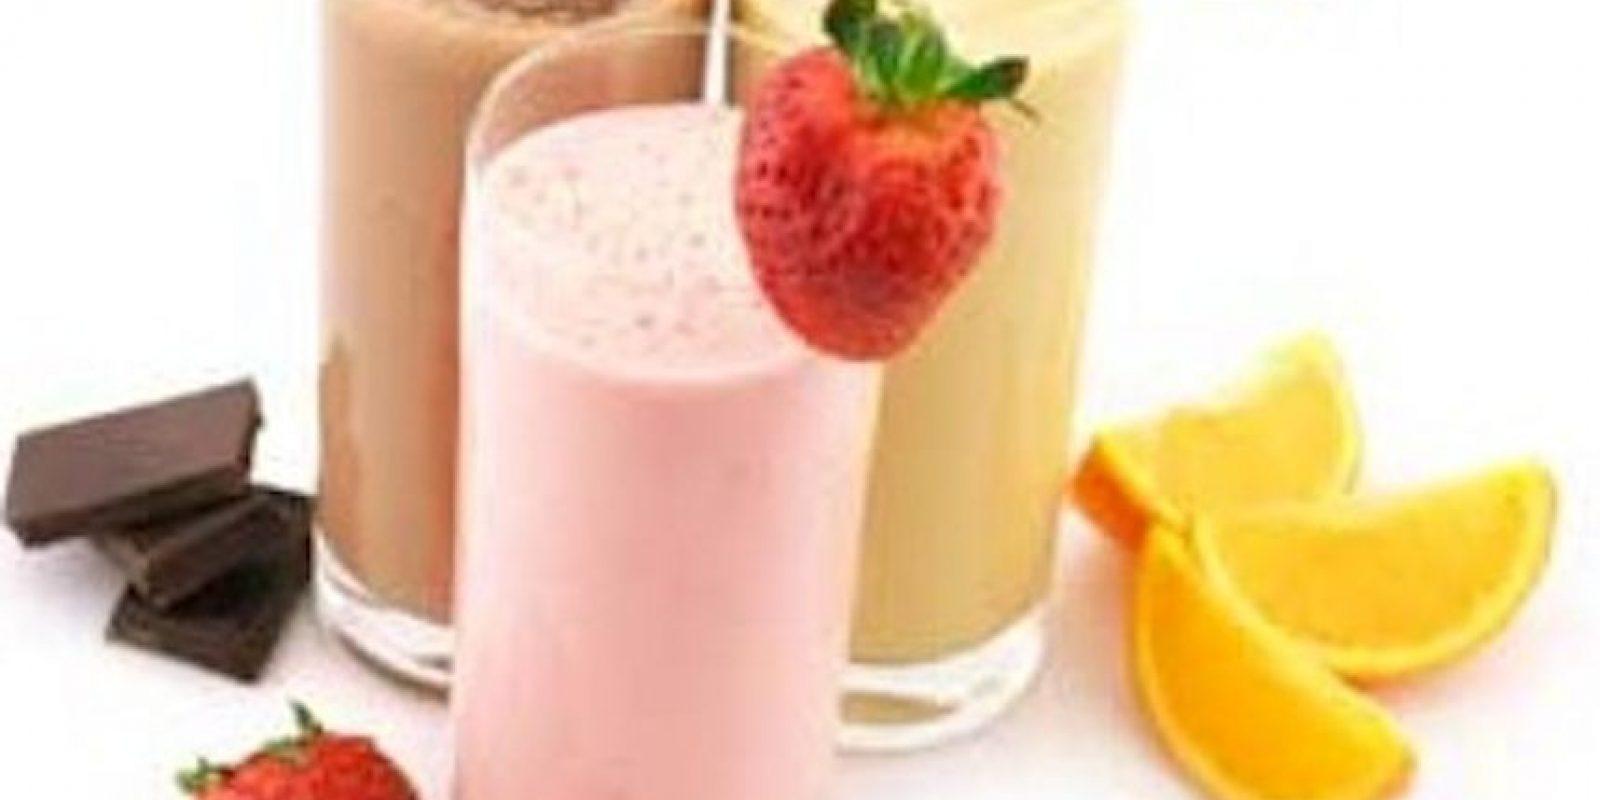 Basta con añadir fruta, un poco de leche o agua y batirlo todo. Añadir un poco de hielo no es mala idea para que el líquido nos refresque. Con los batidos hay miles de posibilidades y además de hidratarnos aportan vitaminas, minerales y energía. Foto:Tumblr